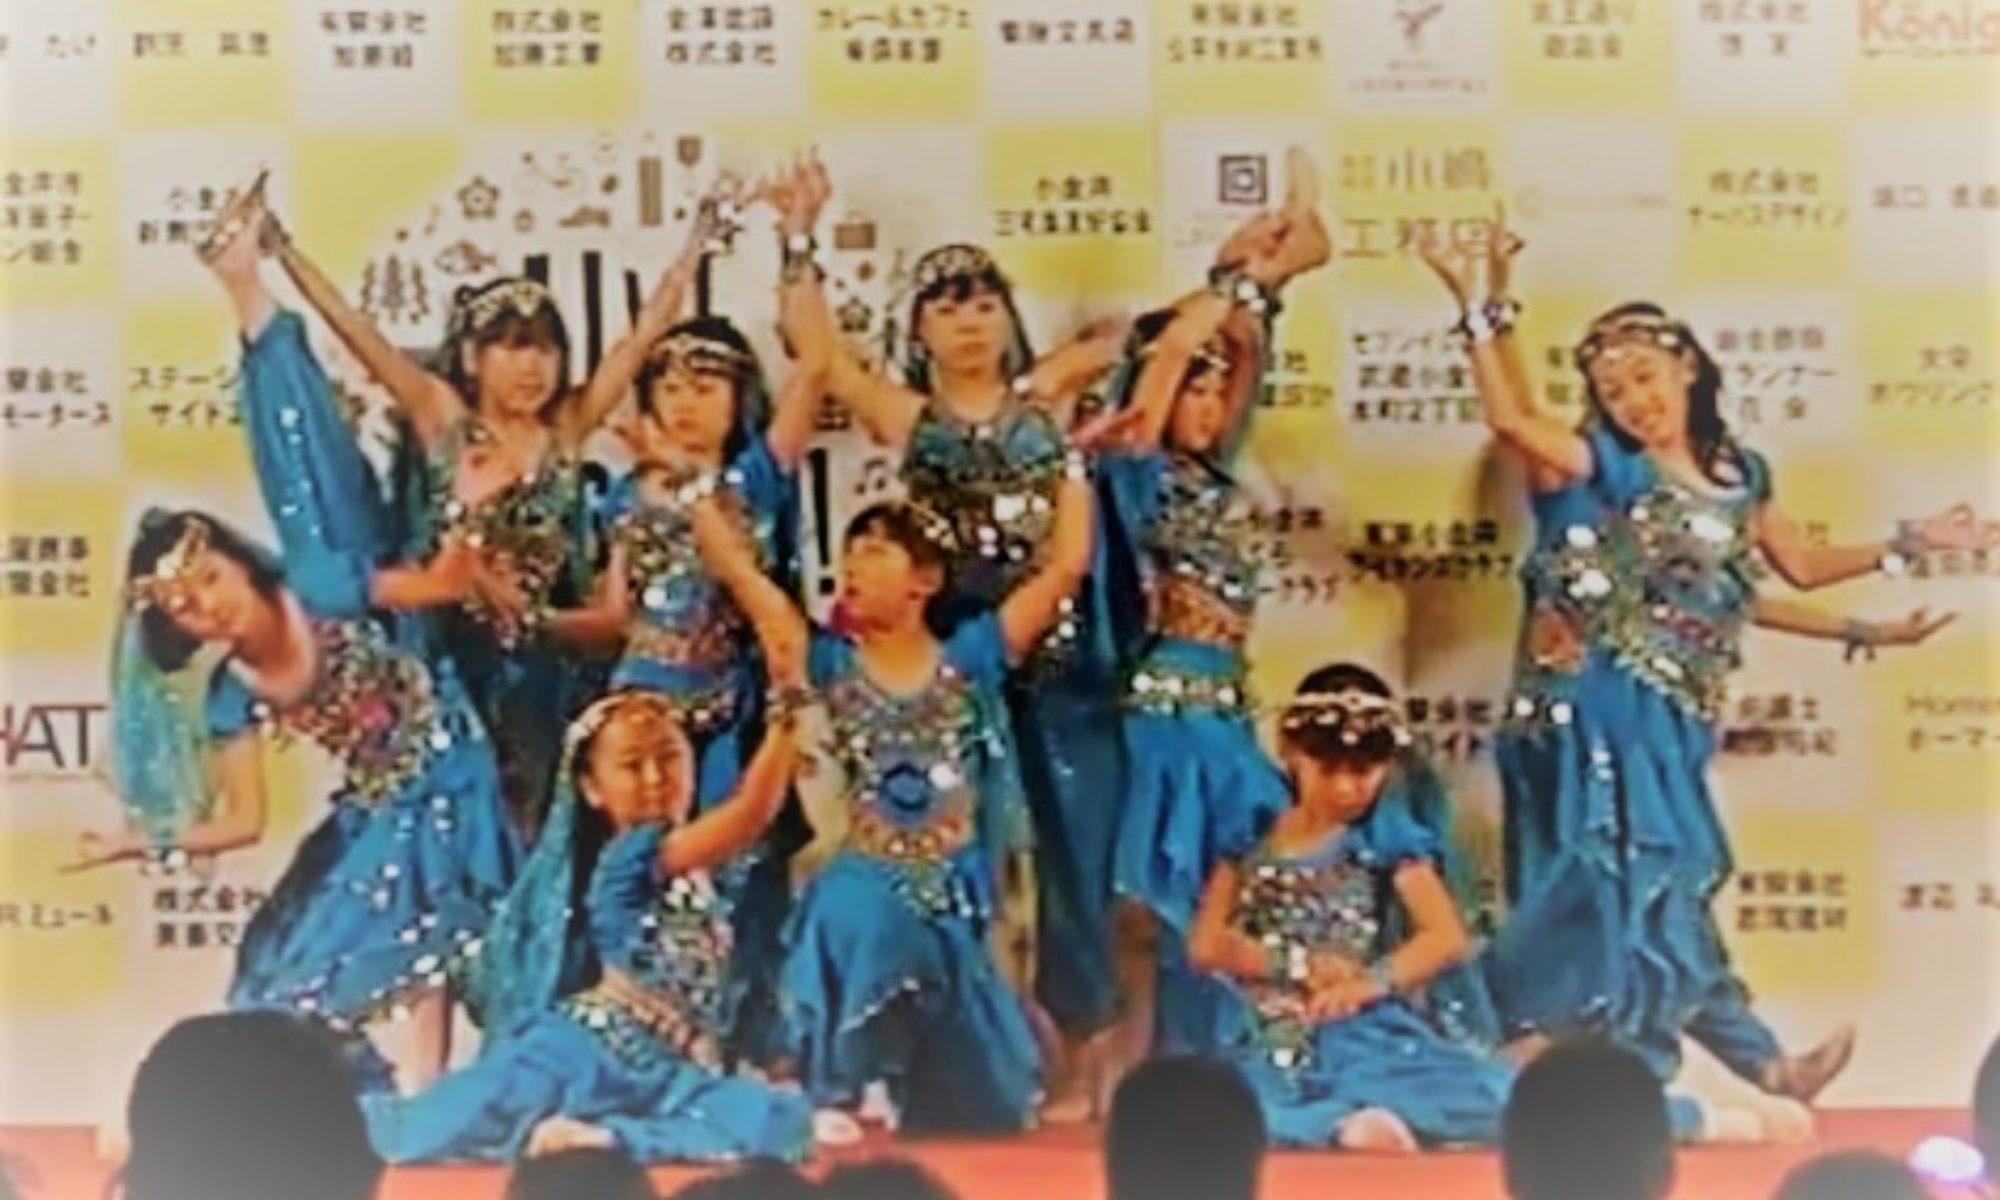 杉並区井荻・下井草のダンススクール・LUNCHBOX DANCE SCHOOL